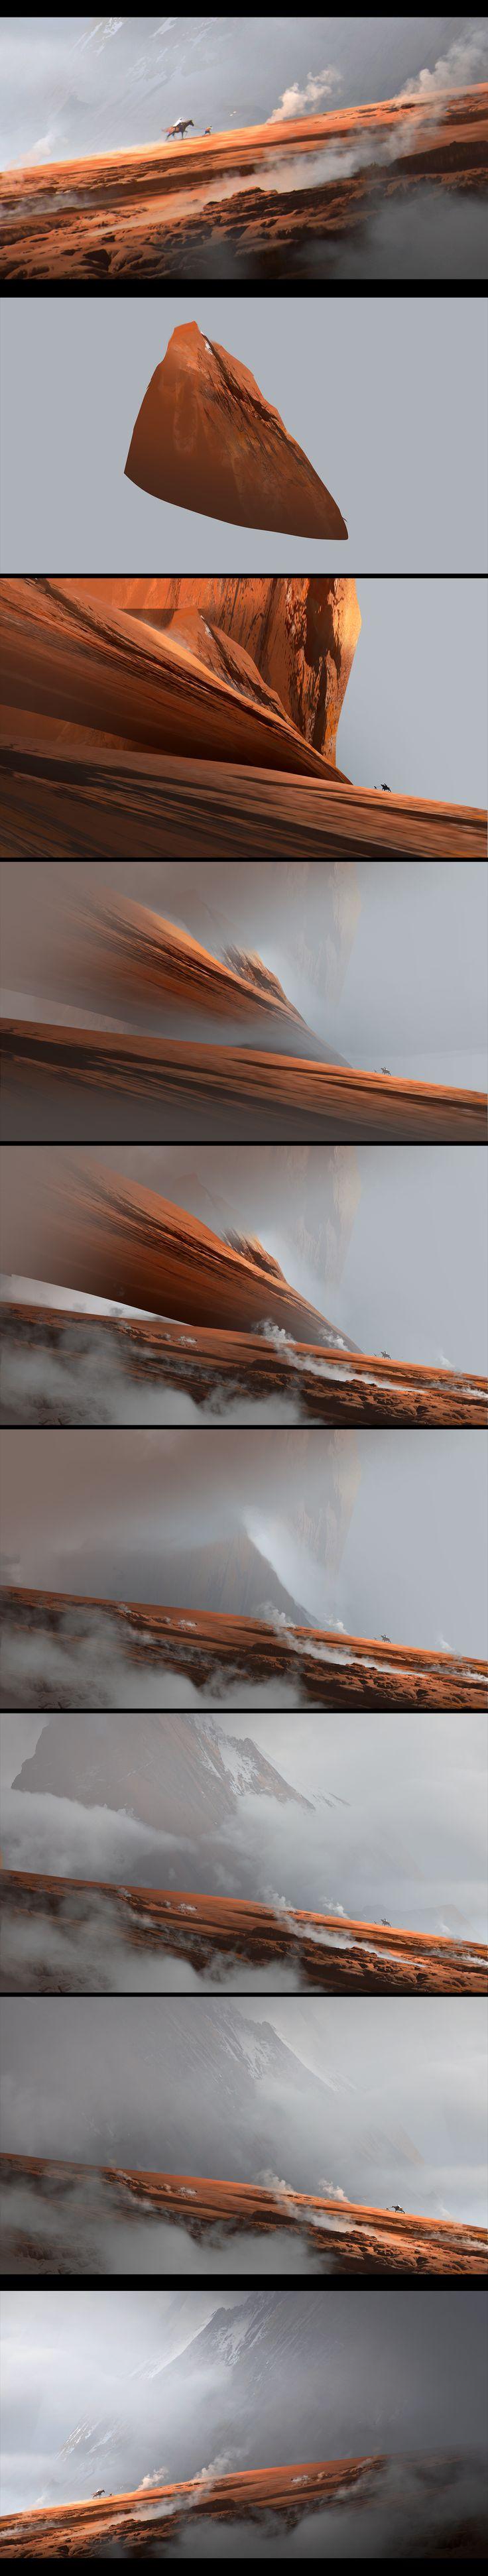 making of 2 by jamajurabaev.deviantart.com on @deviantART